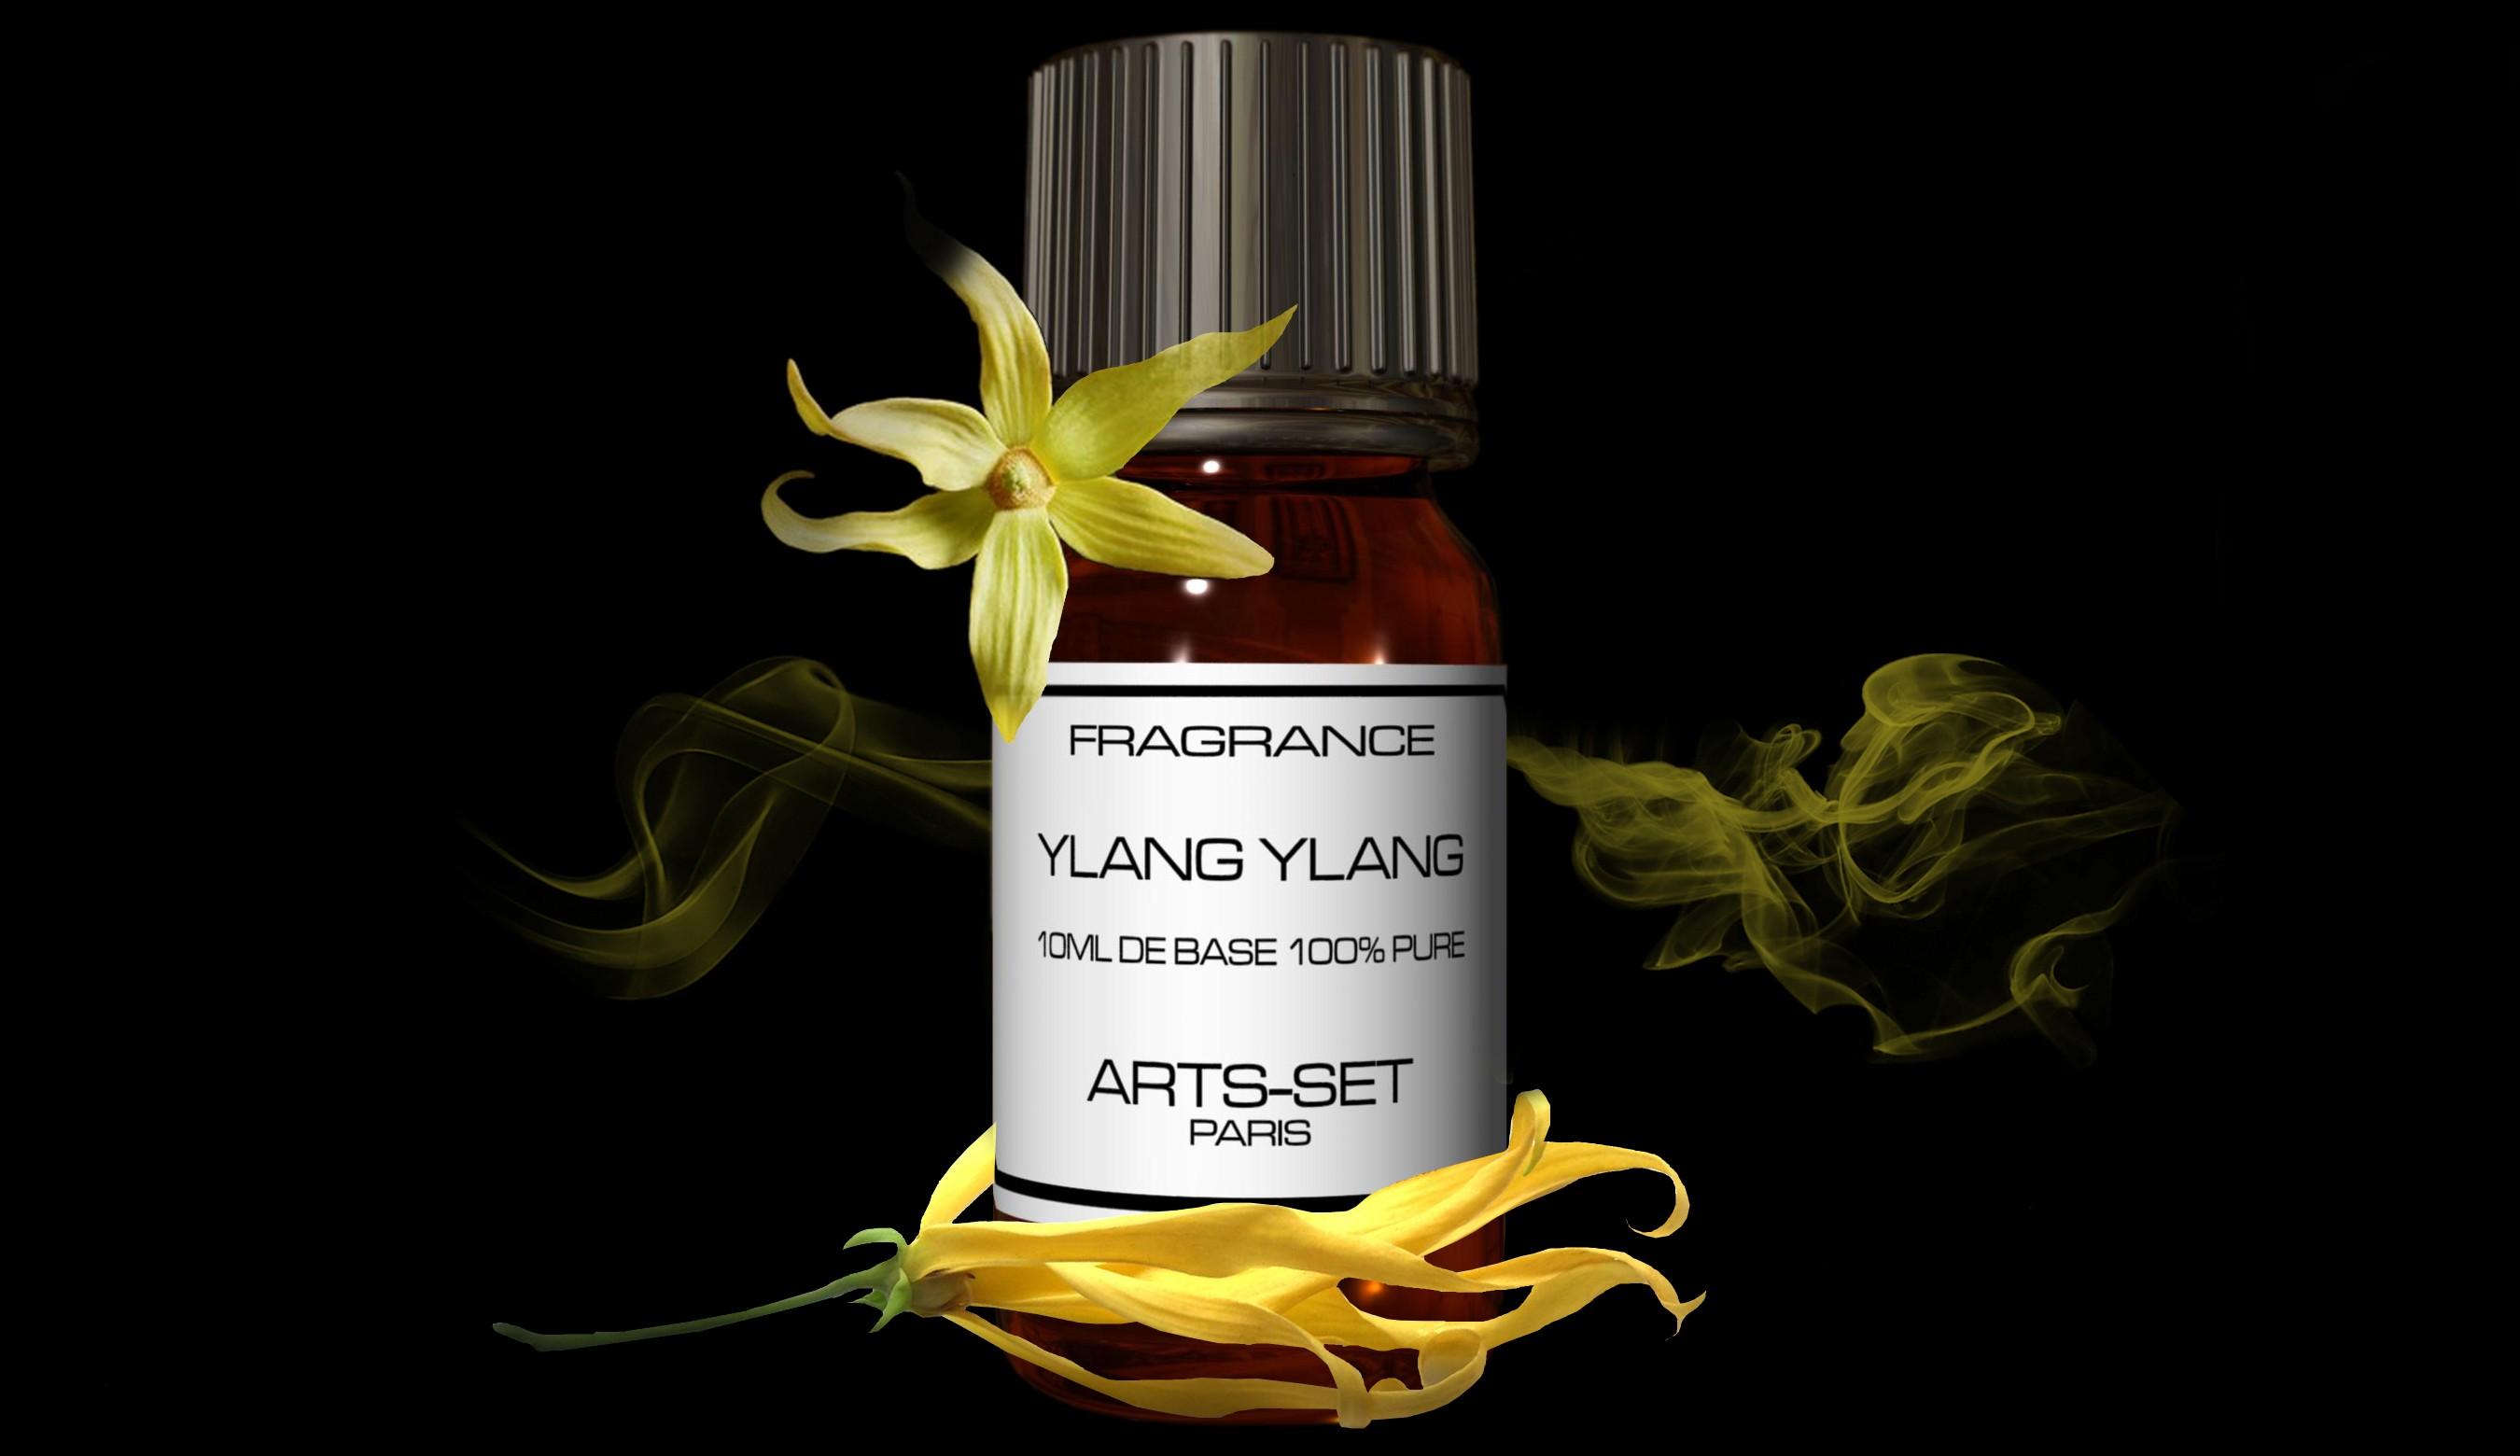 https://arts-set.fr/fr/fragrances/238-fragrance-ylang-ylang.html